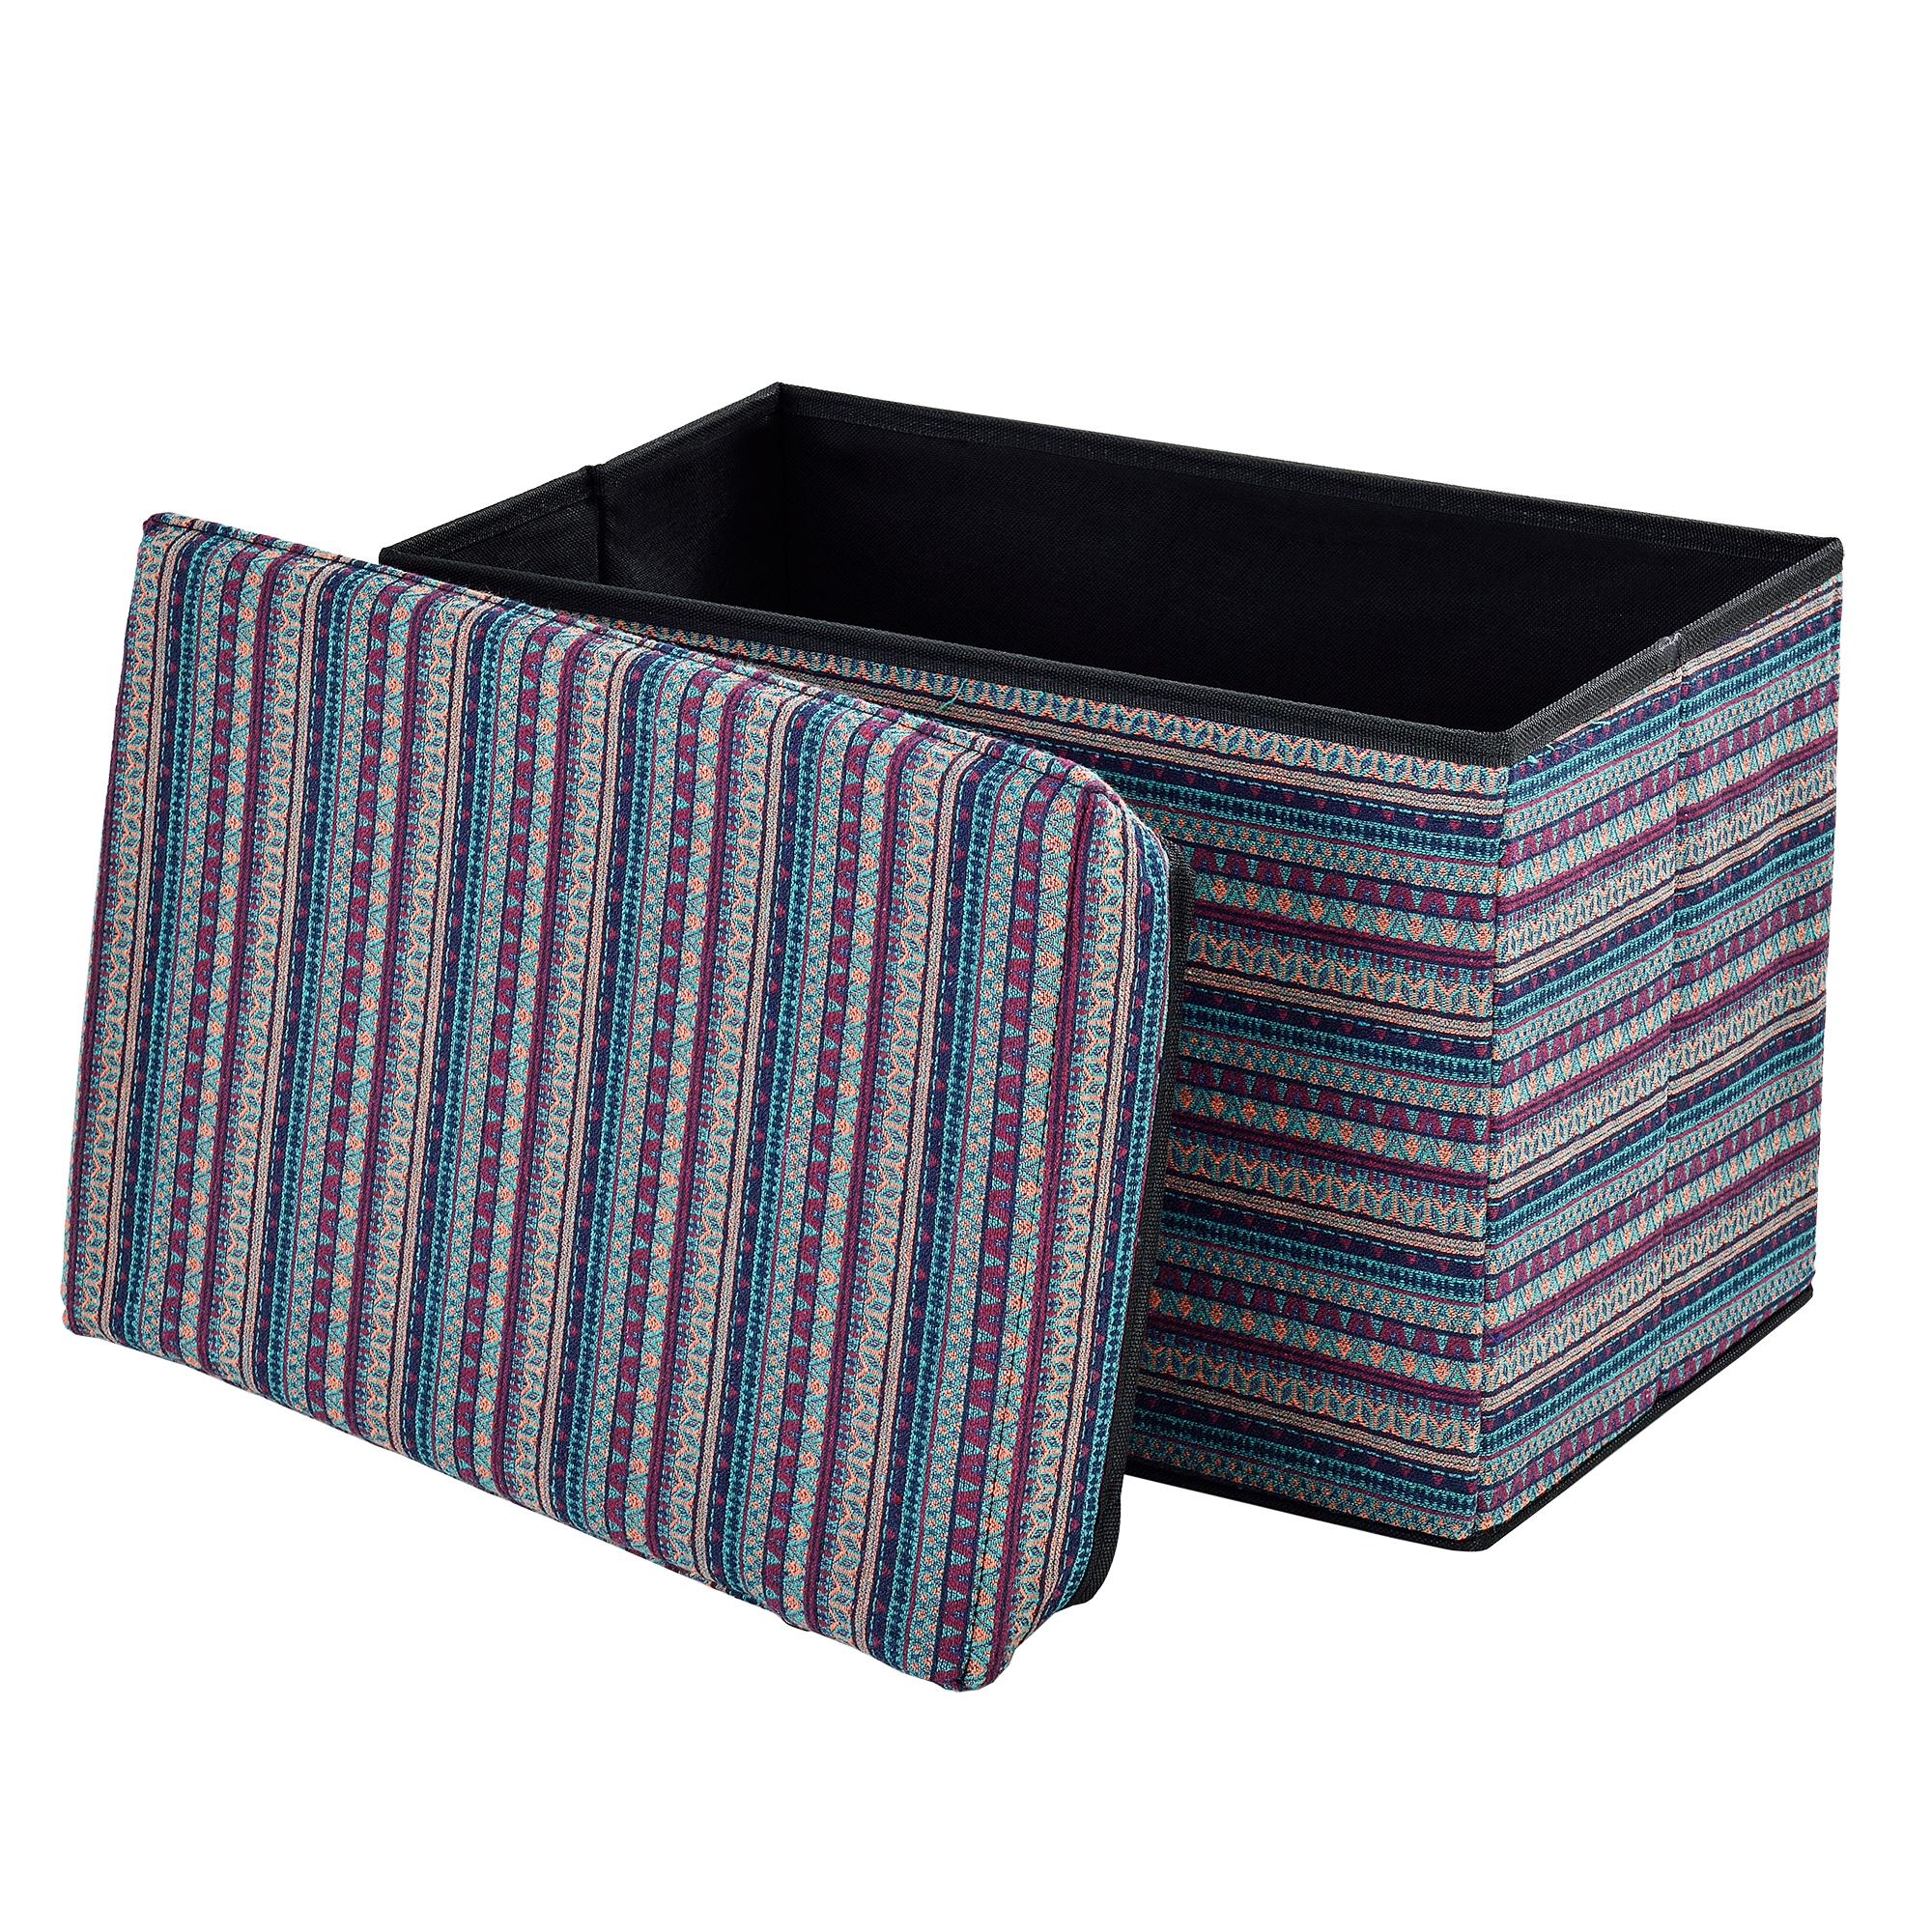 Détails Sur [En.casa] Banc De Rangement 48X32X32Cm Multicolore Porte-Pieds à Banc De Jardin Ikea